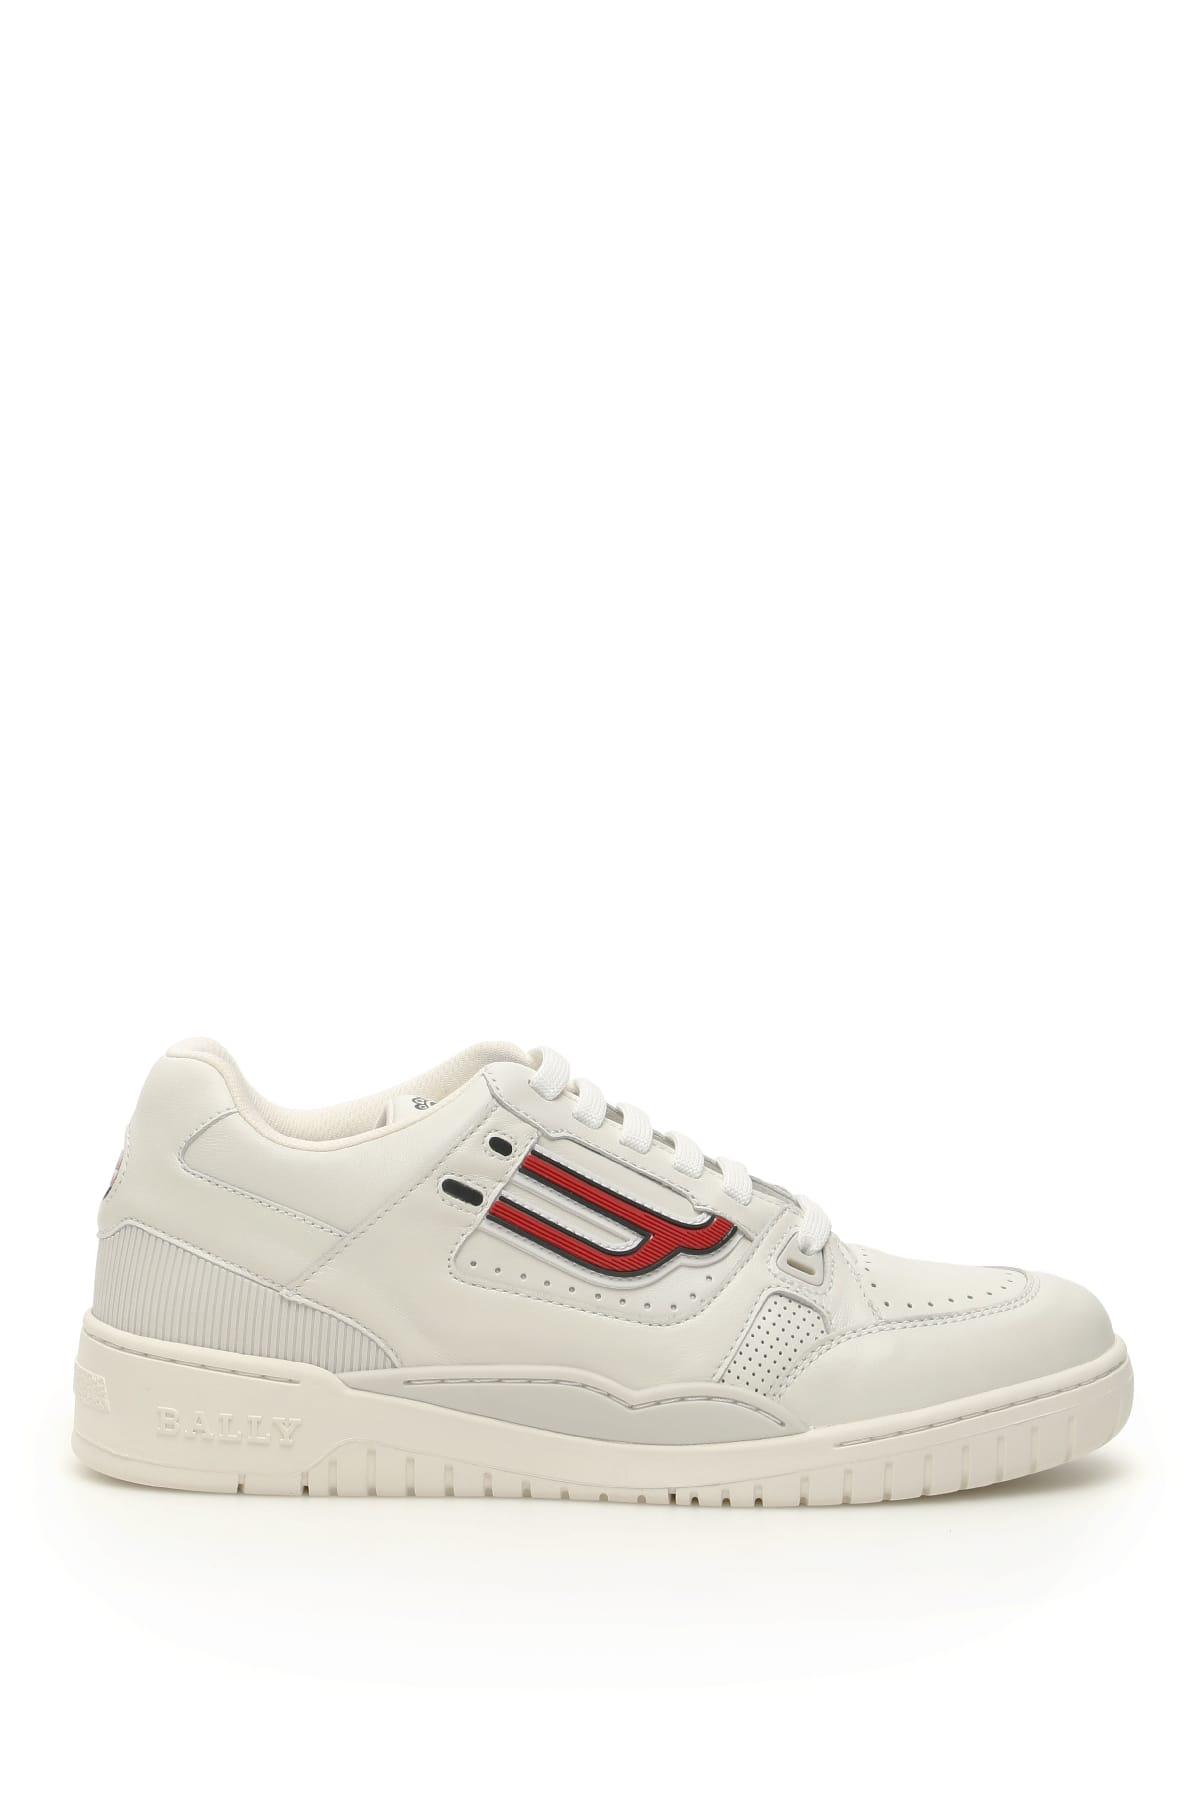 Bally Kuba T Sneakers